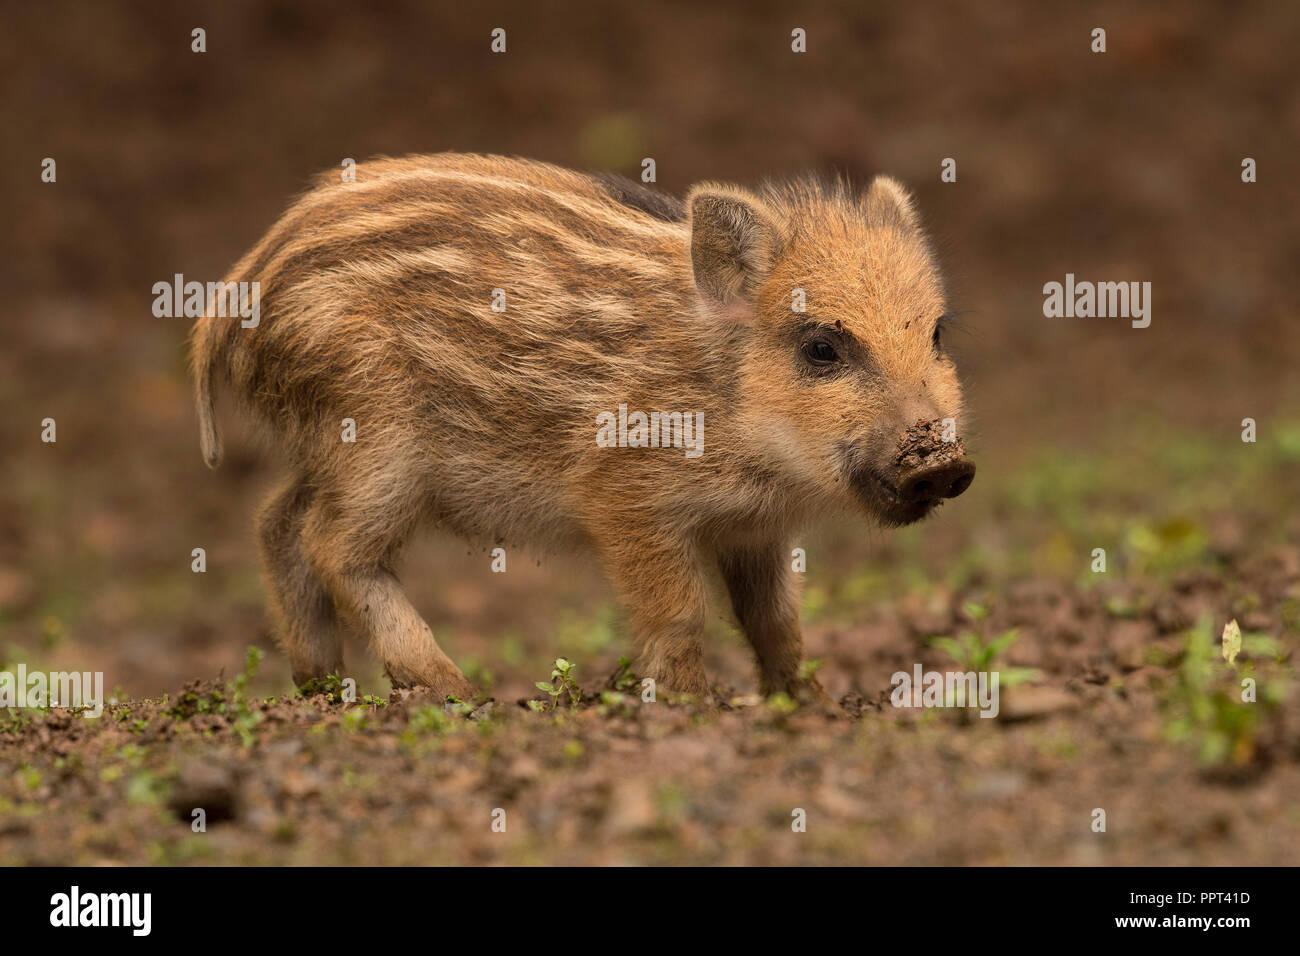 Wildschwein (Sus scrofa), Daun, Rheinland-Pfalz, Deutschland - Stock Image